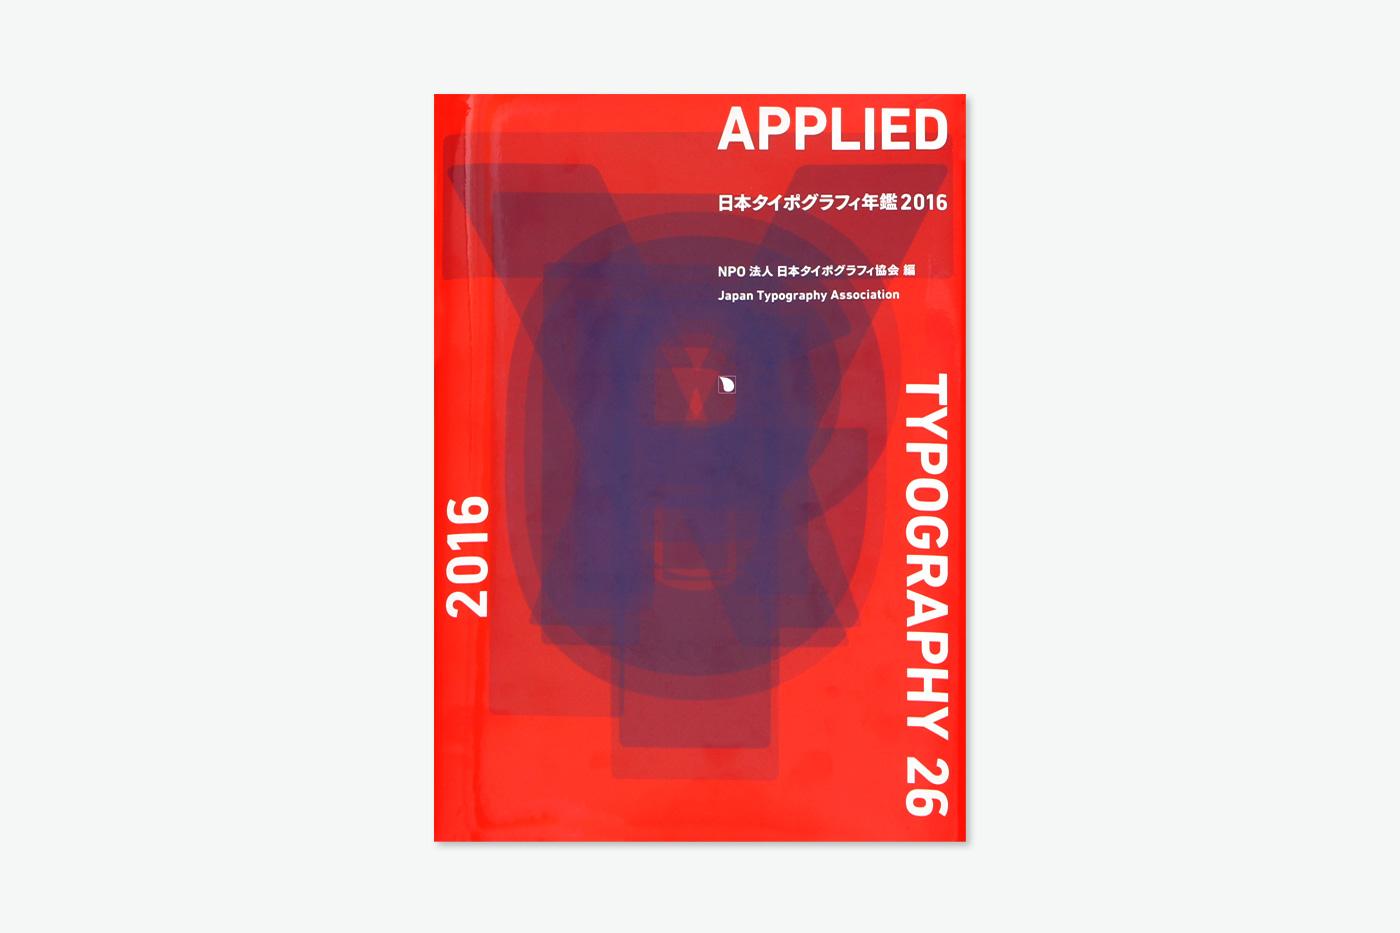 日本タイポグラフィ年鑑2016に掲載されました